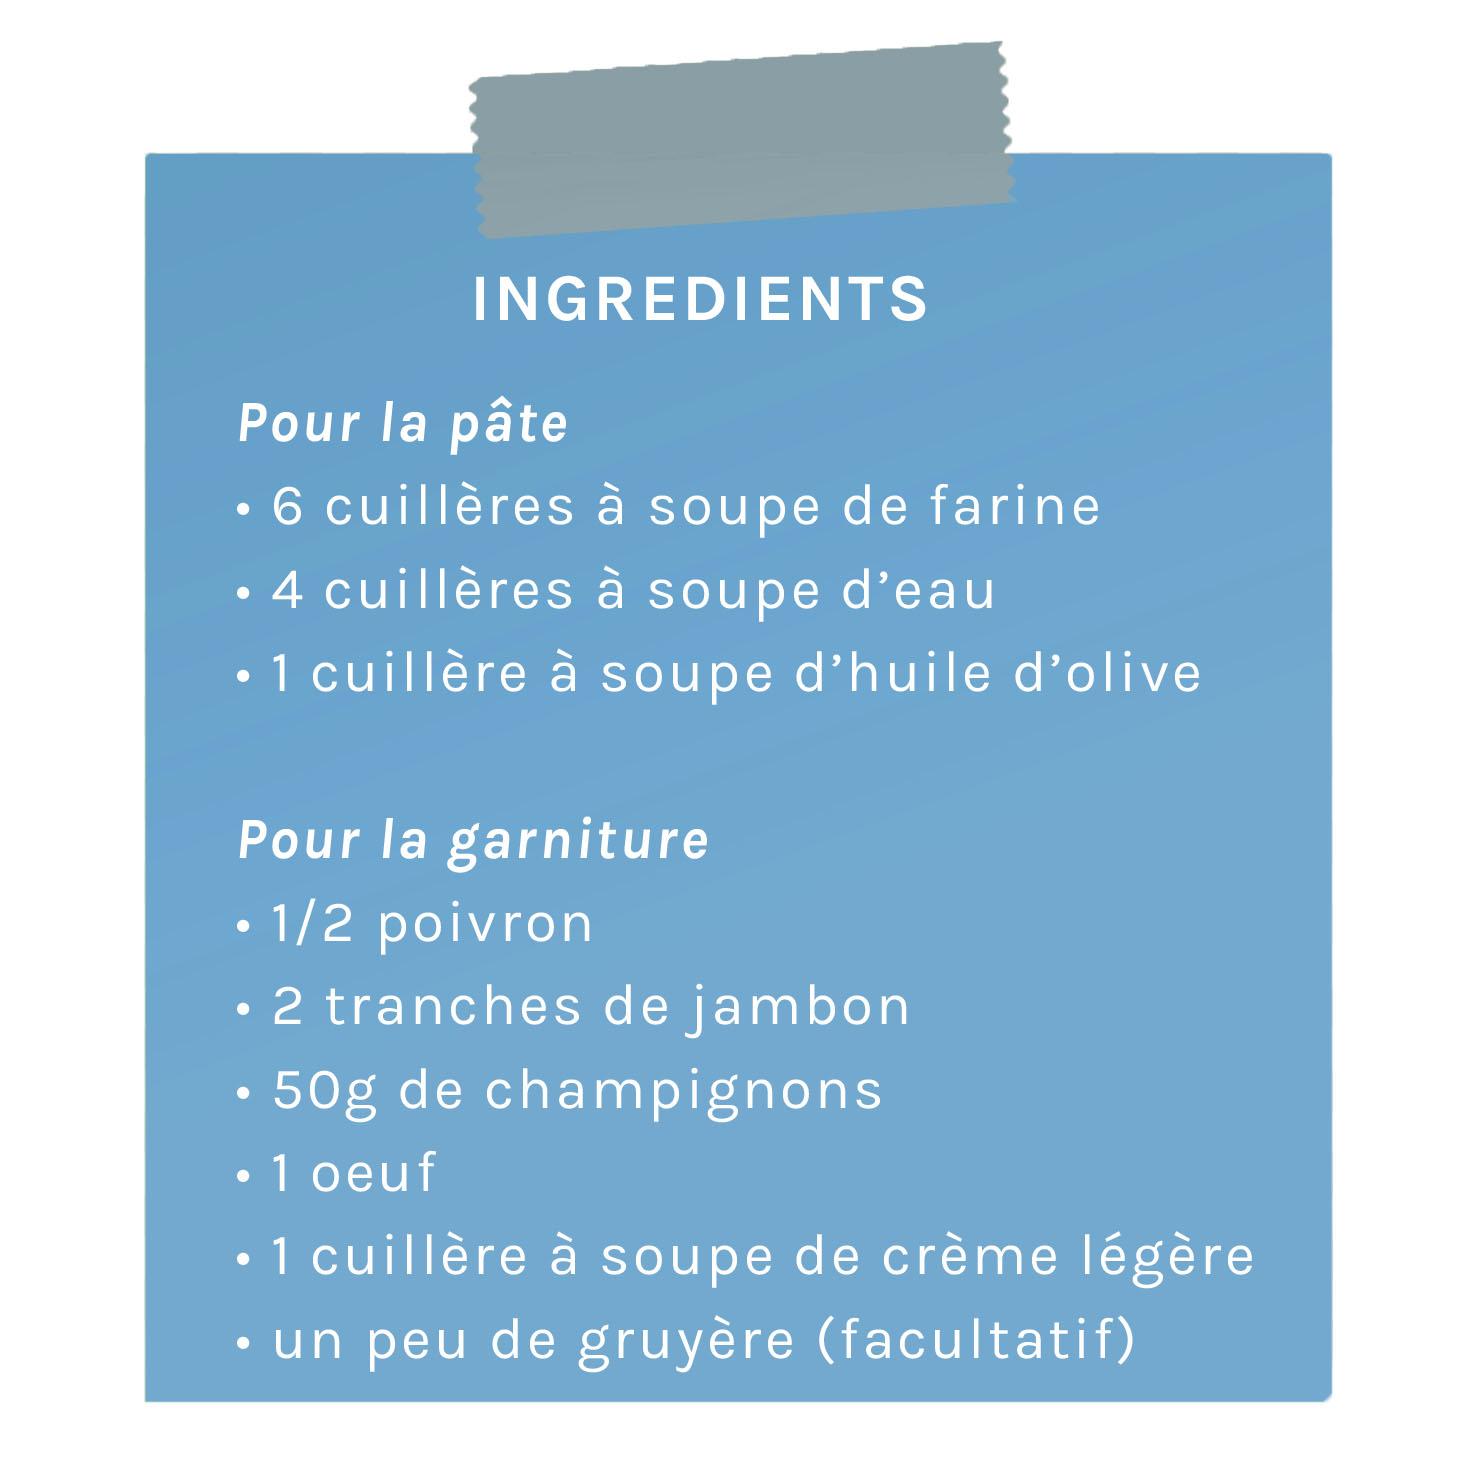 ingrédients mini-quiches poivron jambon, champignons